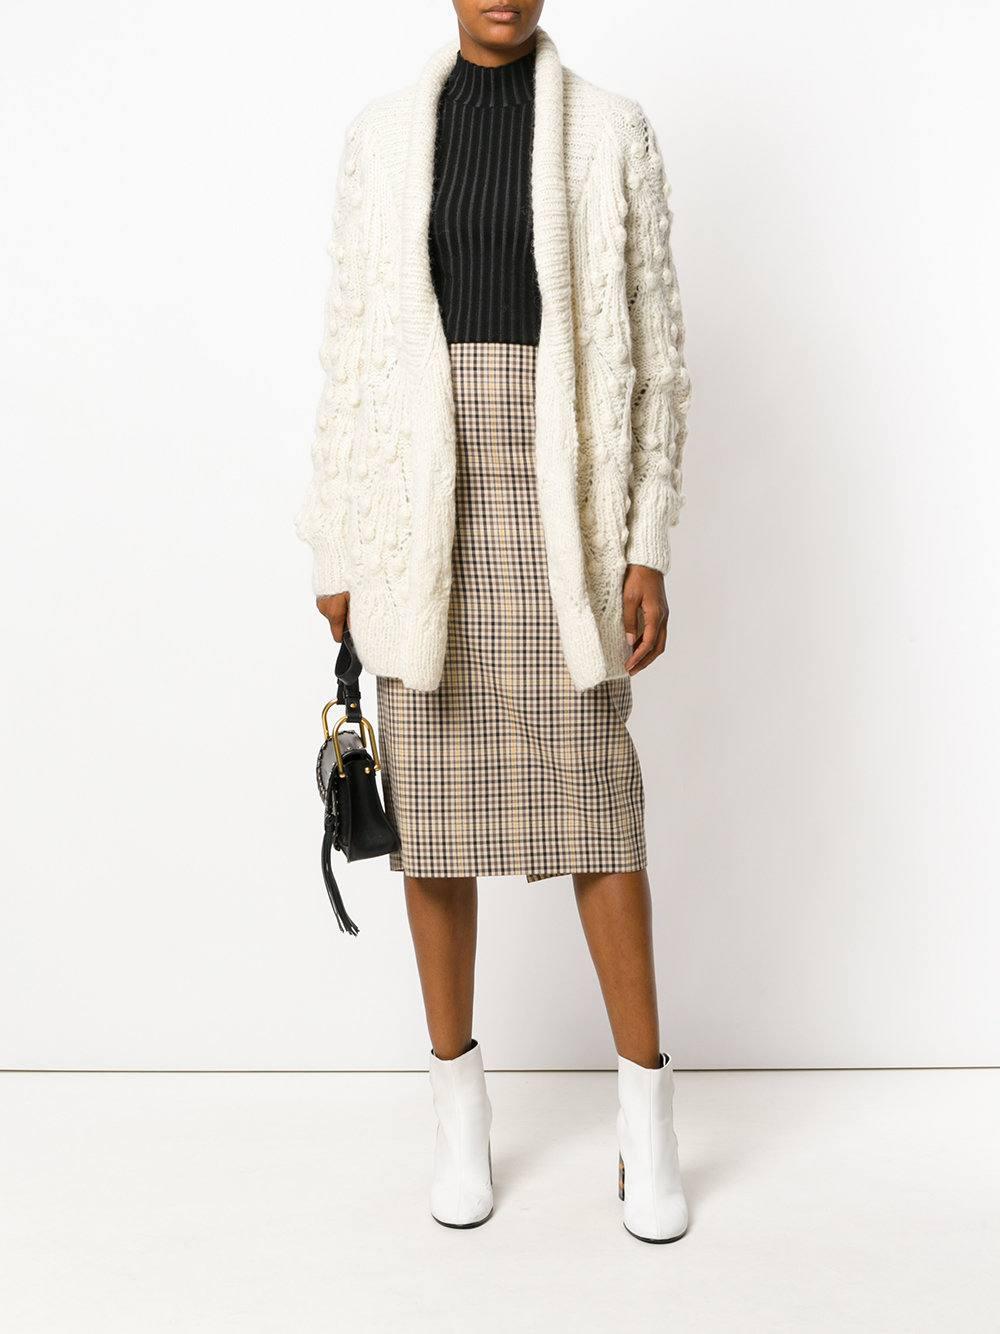 Мода зима 2019: тепло и стильно - 5 идей от Виктории Бекхэм рекомендации